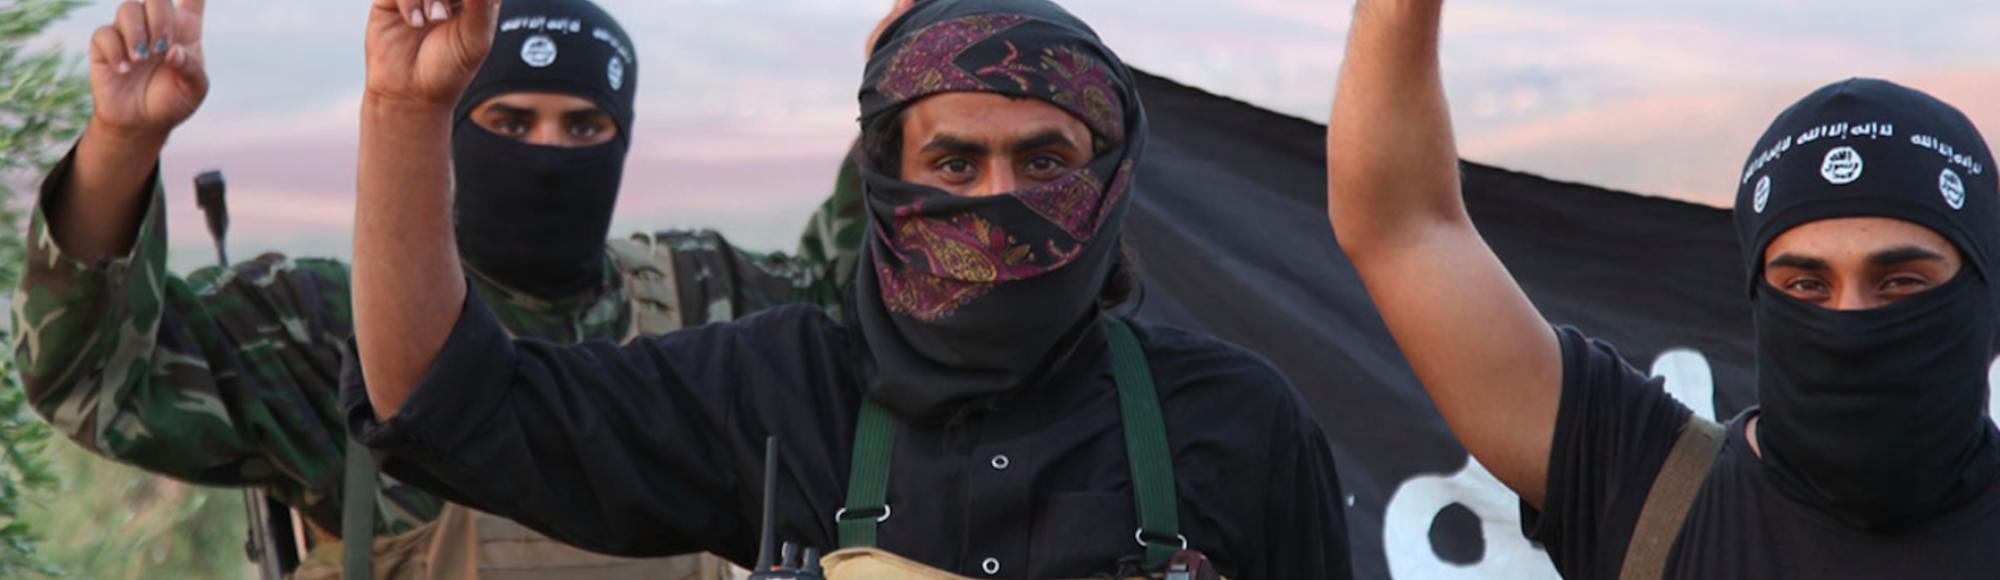 Meine Reise in den Islamischen Staat